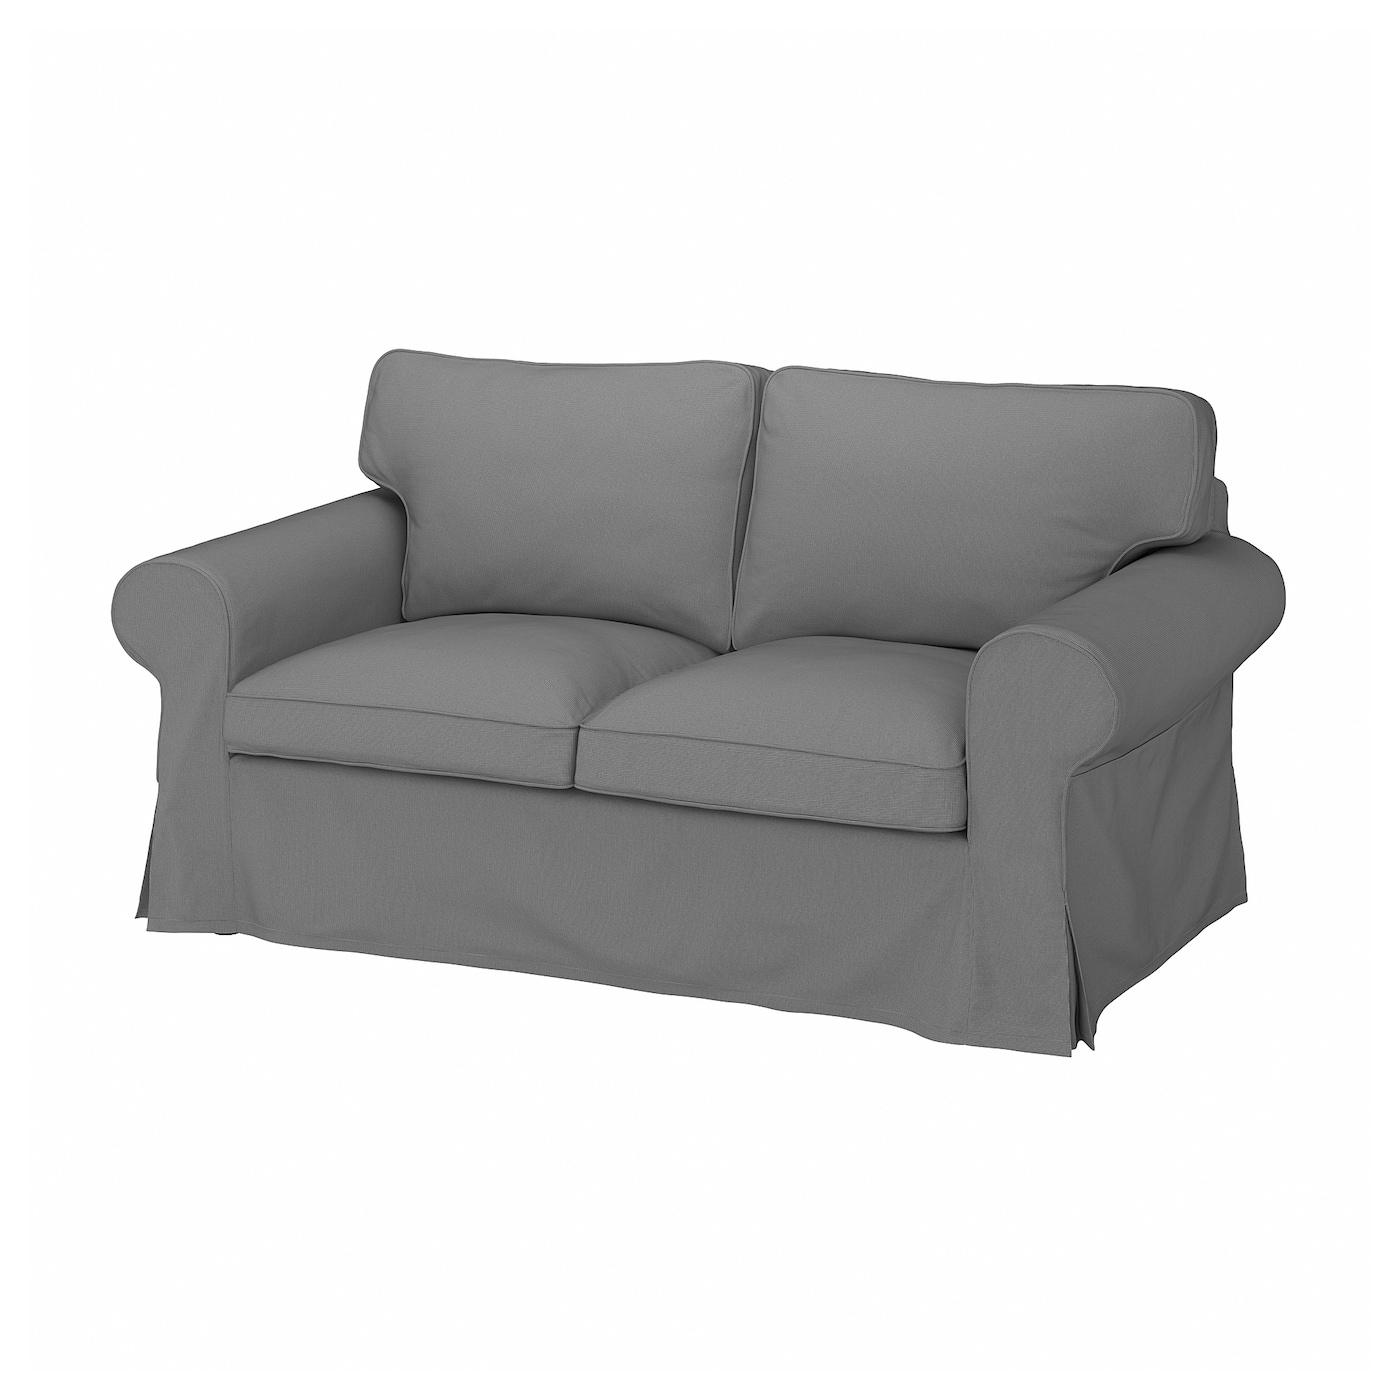 Polyester Cushion Design 1 Housse De Rechange De Fauteuil Poang D Ikea Masters Of Covers Green Coussins Et Accessoires Decoration De La Maison